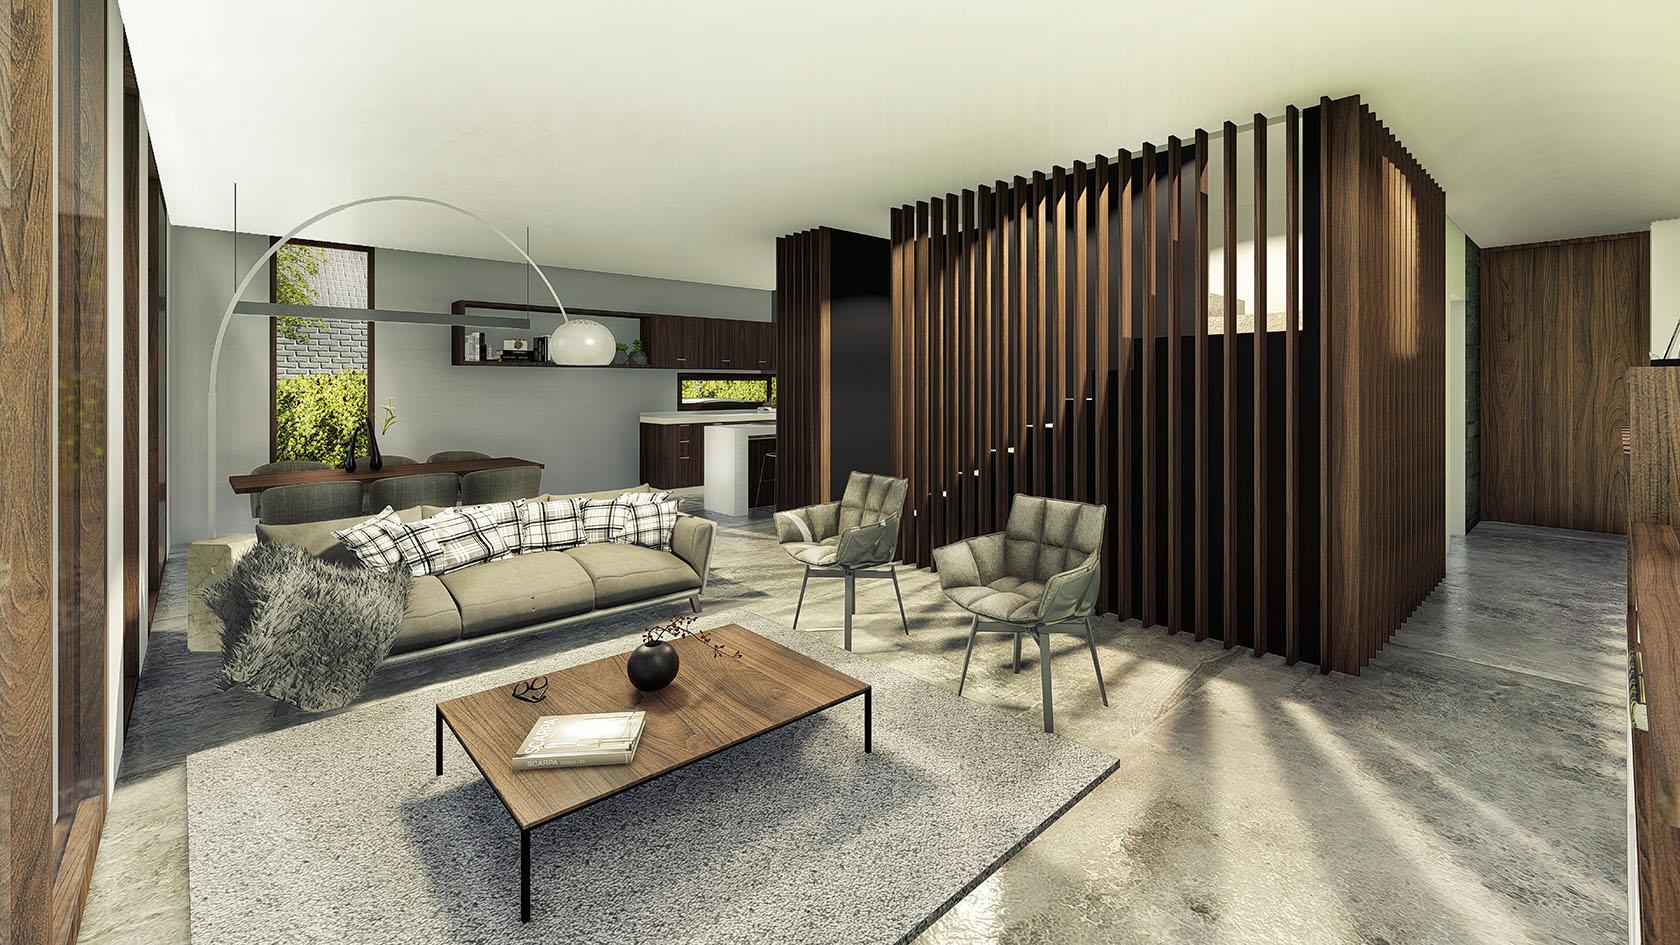 Vista interior living, casas con visuales al jardín, arquitectura y paisaje, interiores modernos